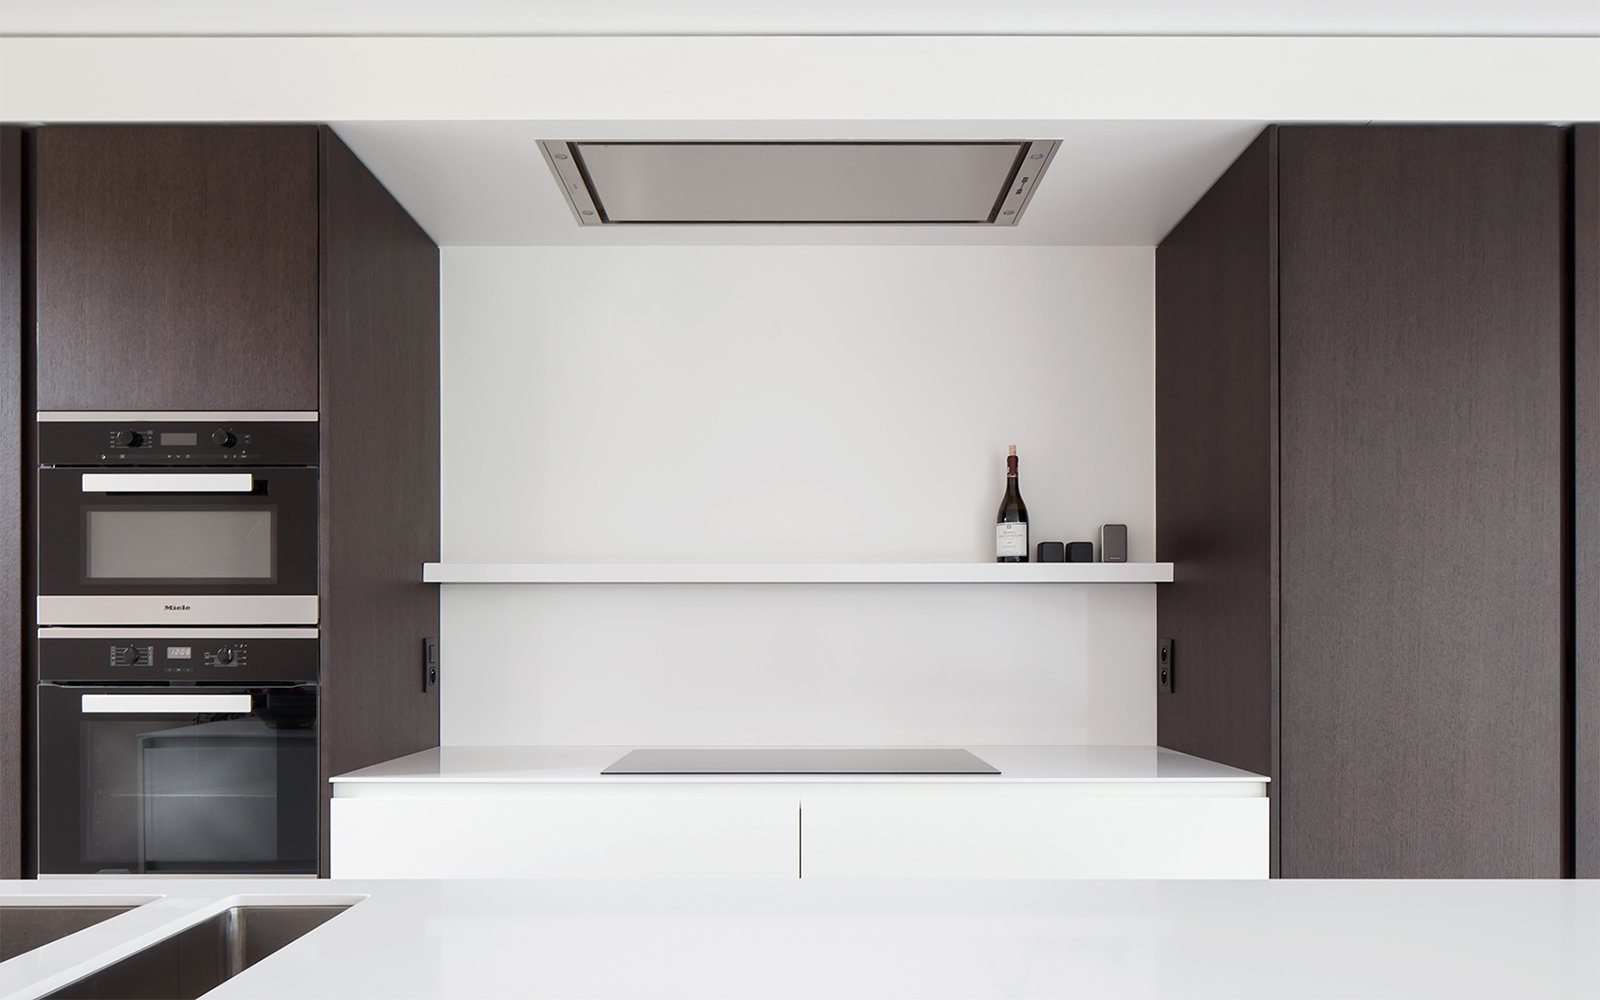 Maatwerk keuken, De Keukenarchitecten, strak, wit, ruimtelijk, sfeervolle woning, Hulpia Architecten